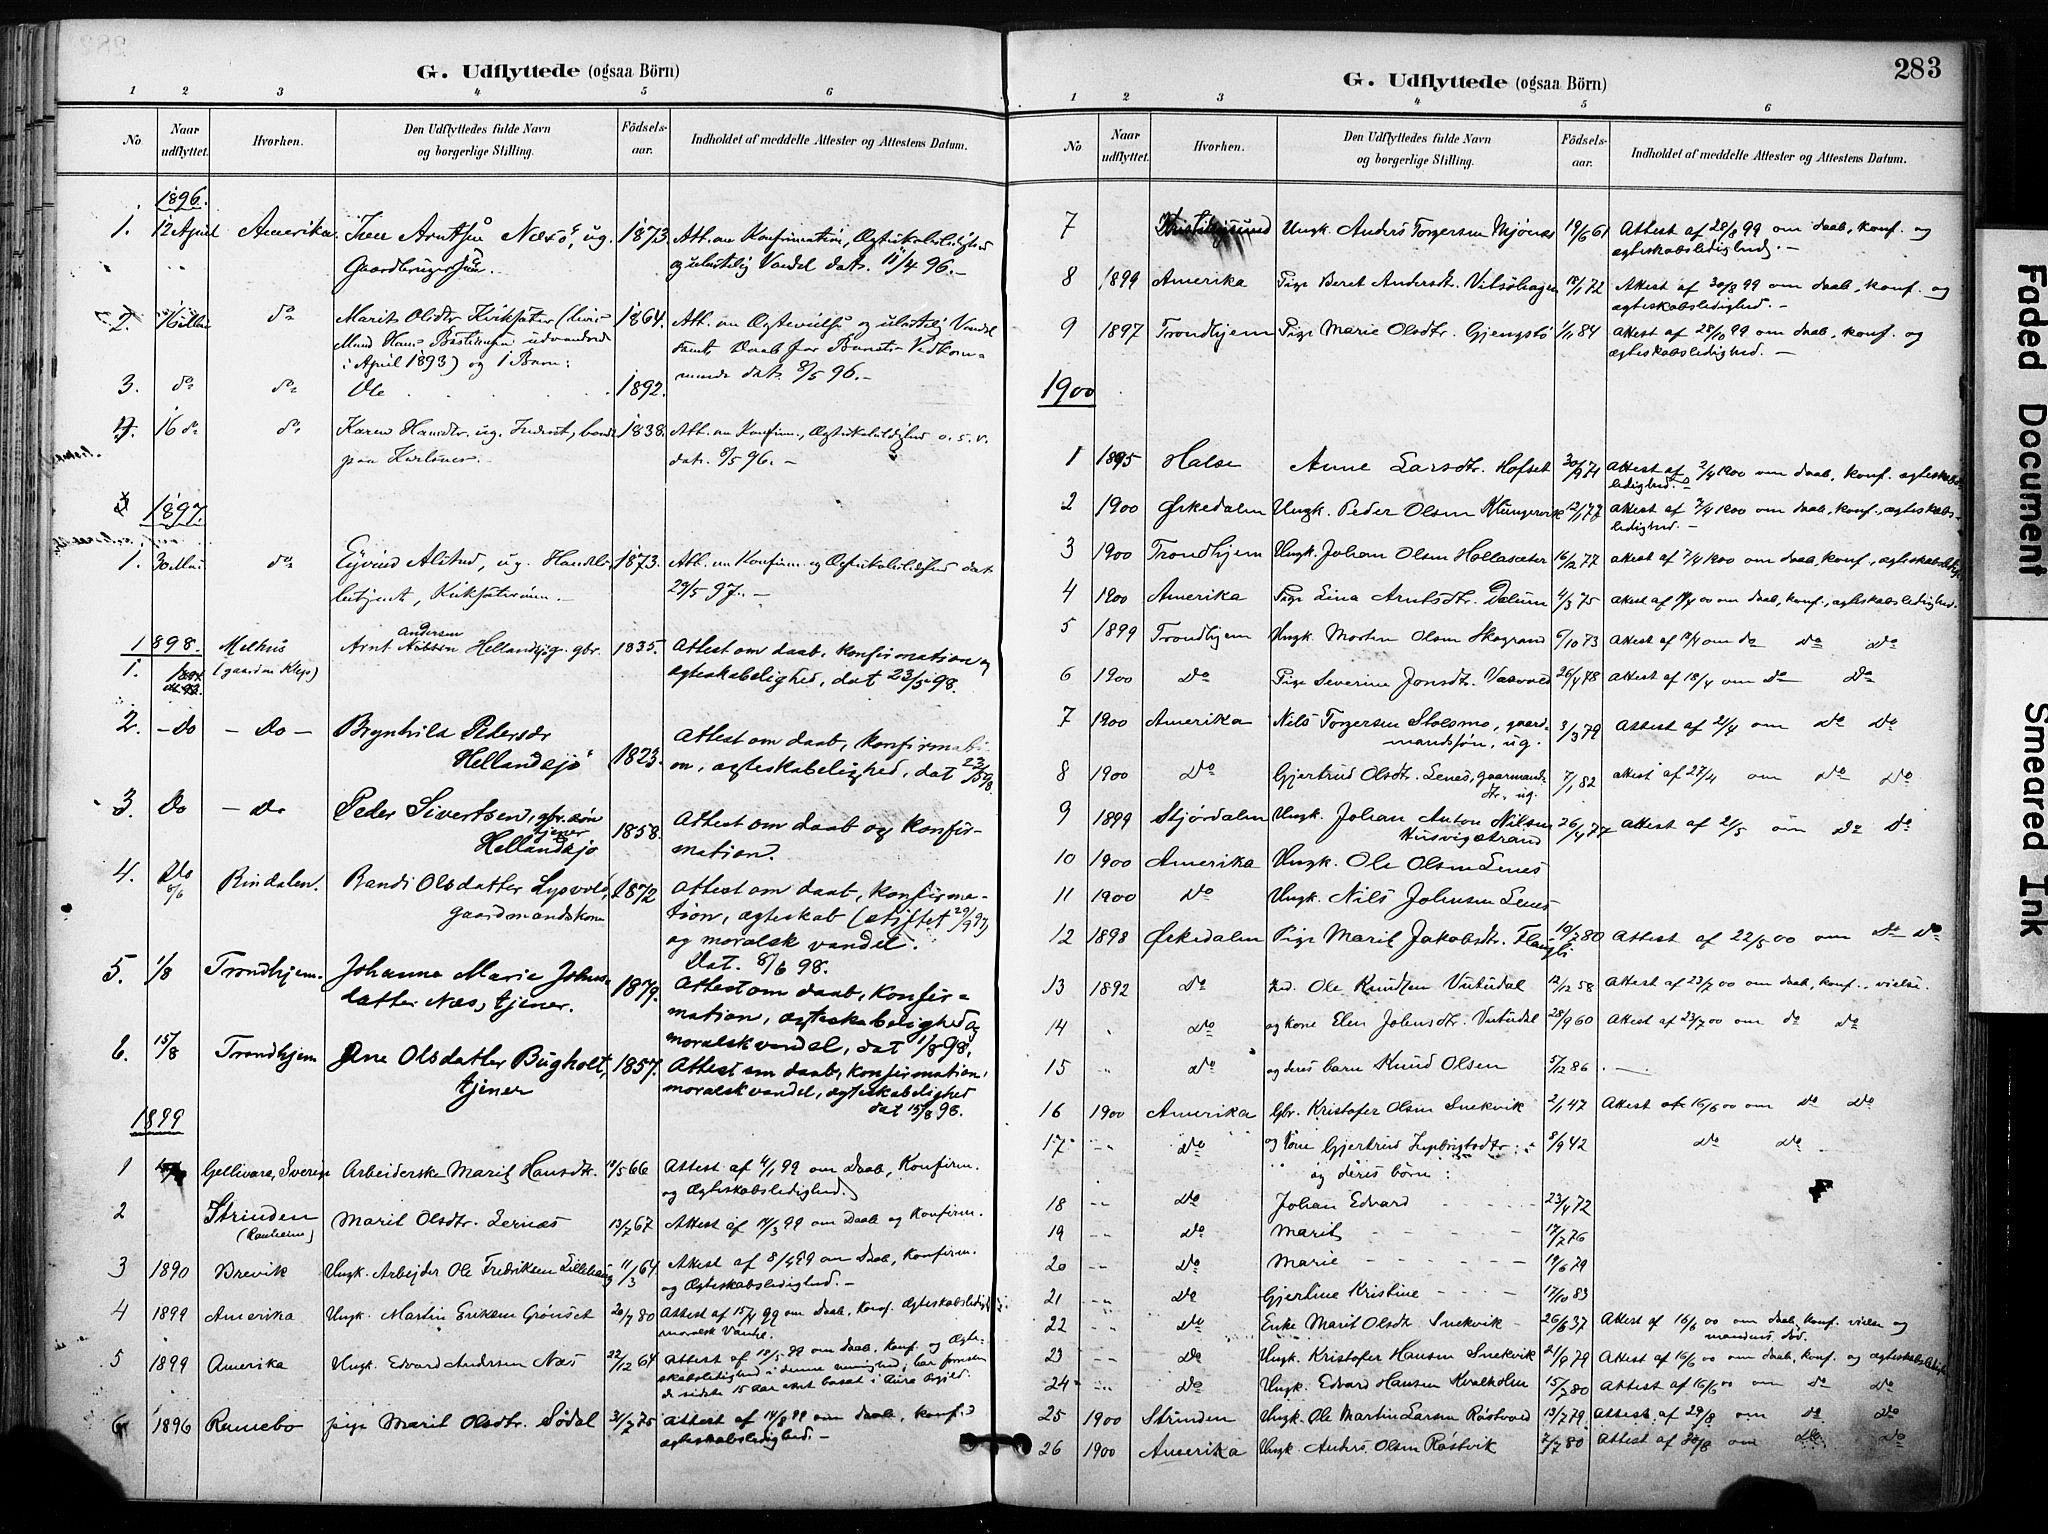 SAT, Ministerialprotokoller, klokkerbøker og fødselsregistre - Sør-Trøndelag, 630/L0497: Ministerialbok nr. 630A10, 1896-1910, s. 283